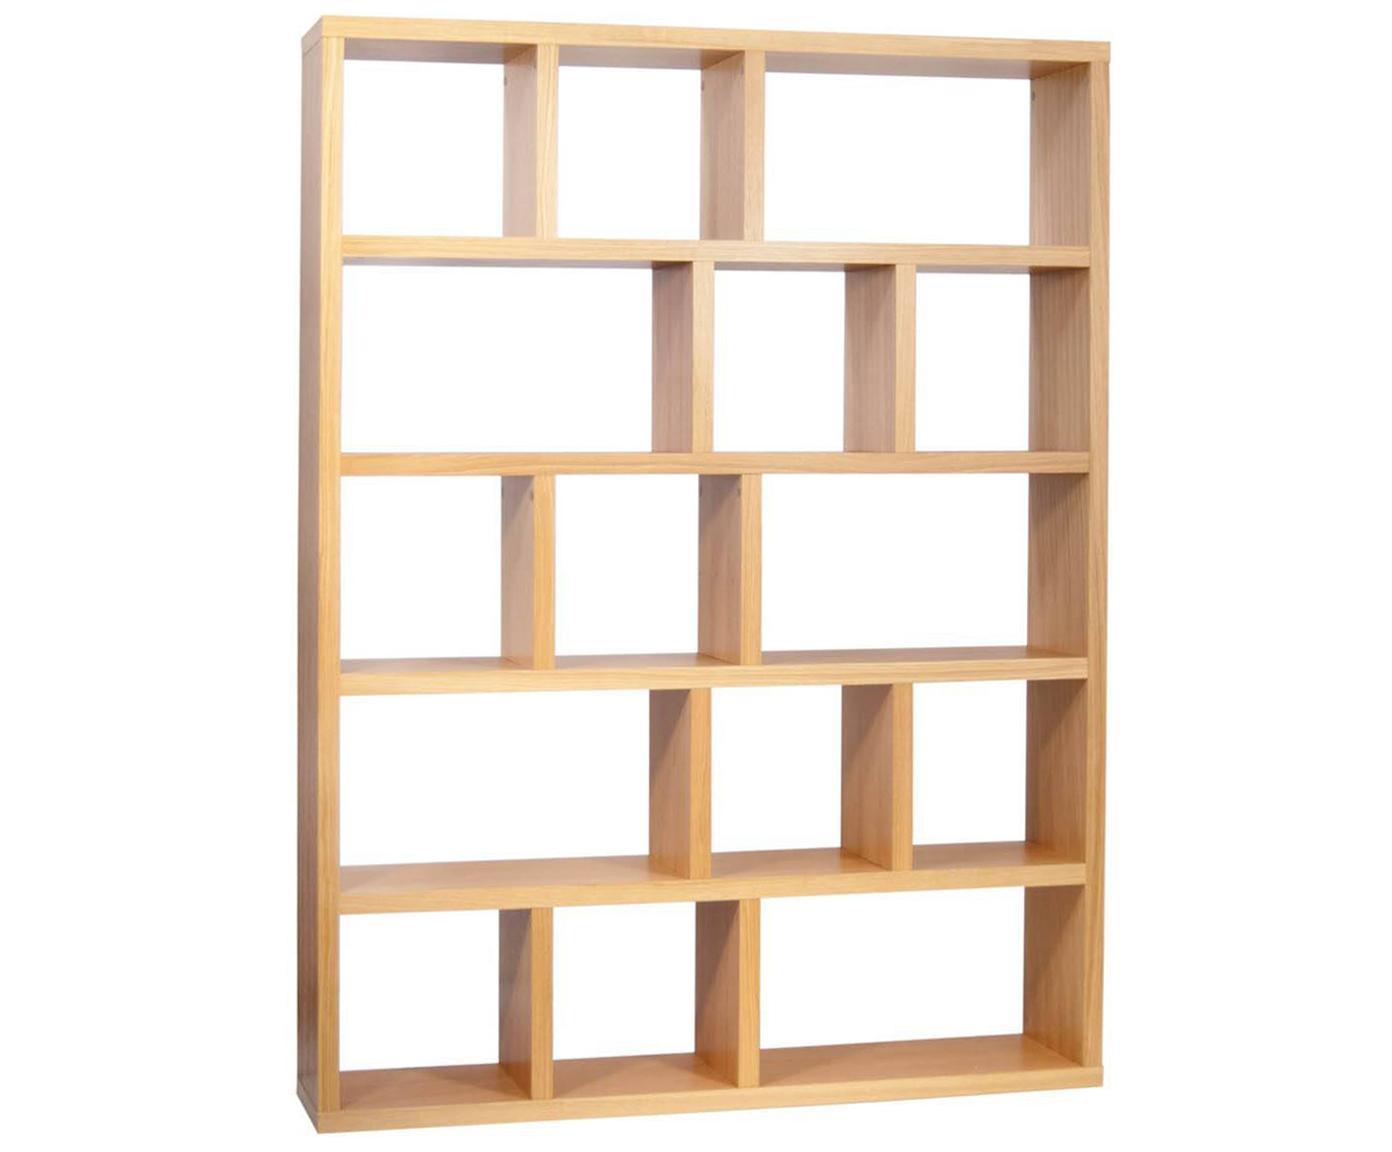 Libreria in legno Portlyn, Superficie: impiallacciato in vero le, Legno di quercia, marrone, Larg. 150 x Alt. 198 cm